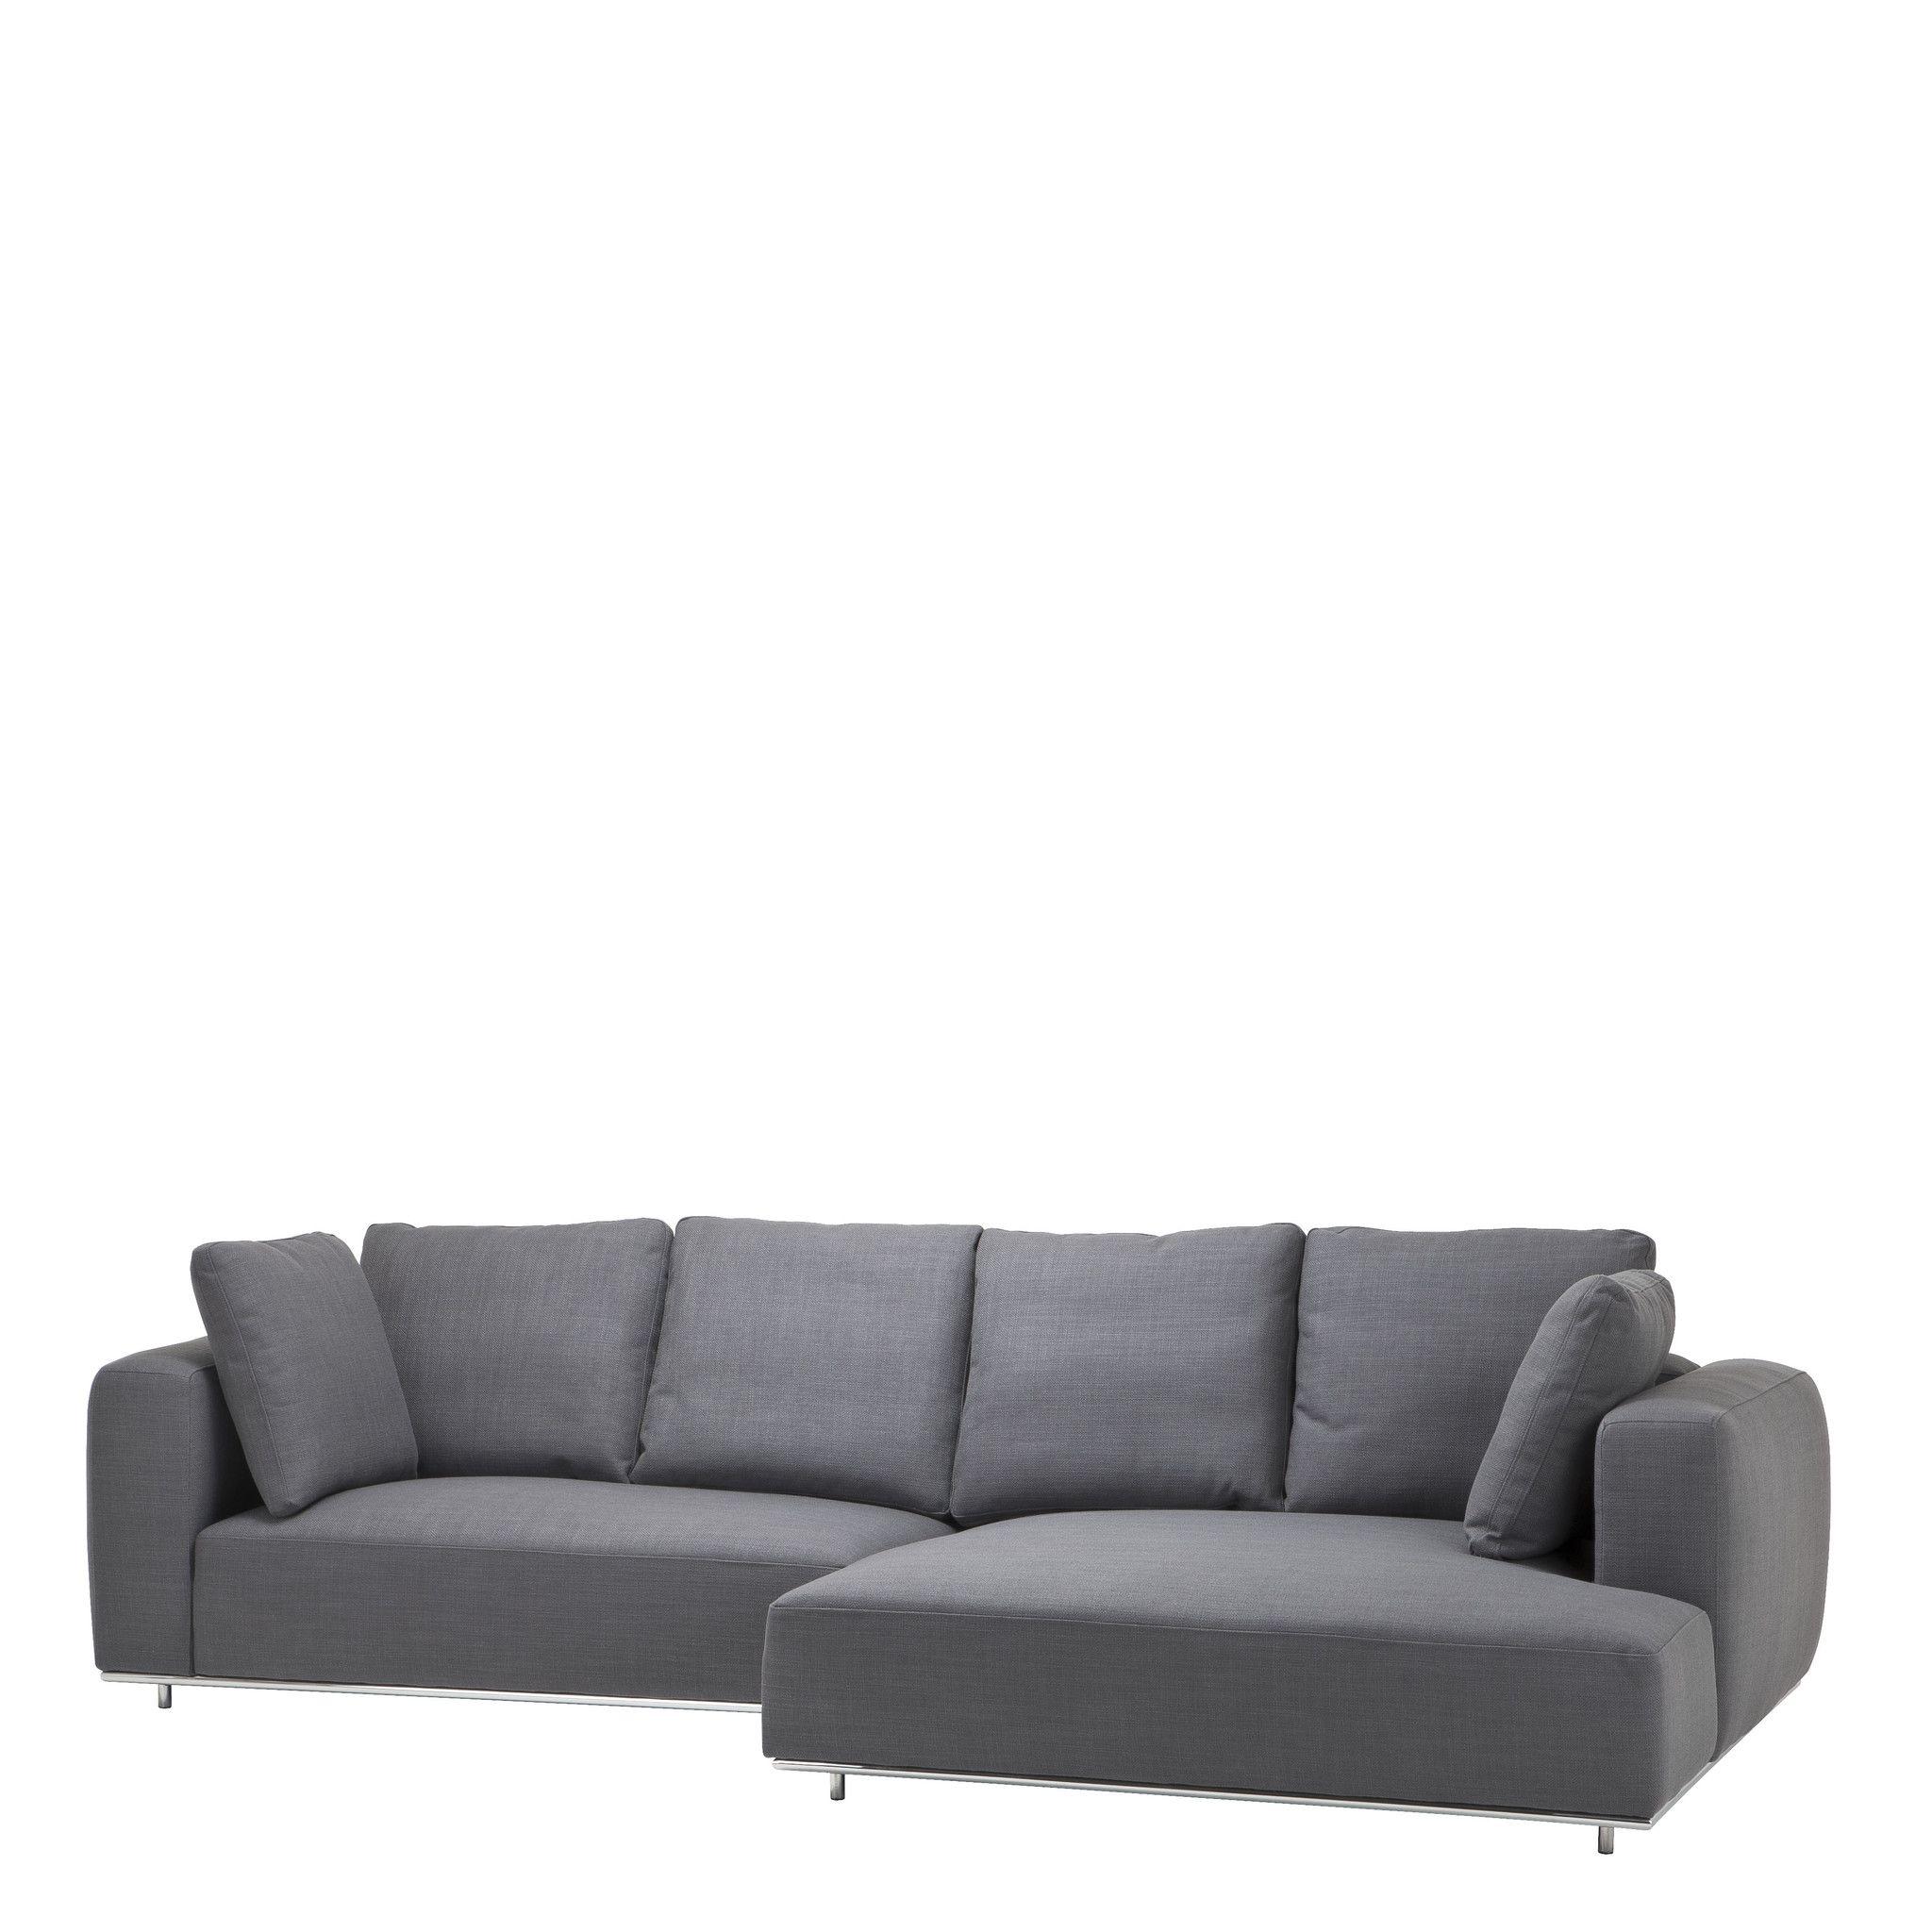 Gray Sofa Eichholtz Colorado Lounge Sofa Sofa Luxury Sofa